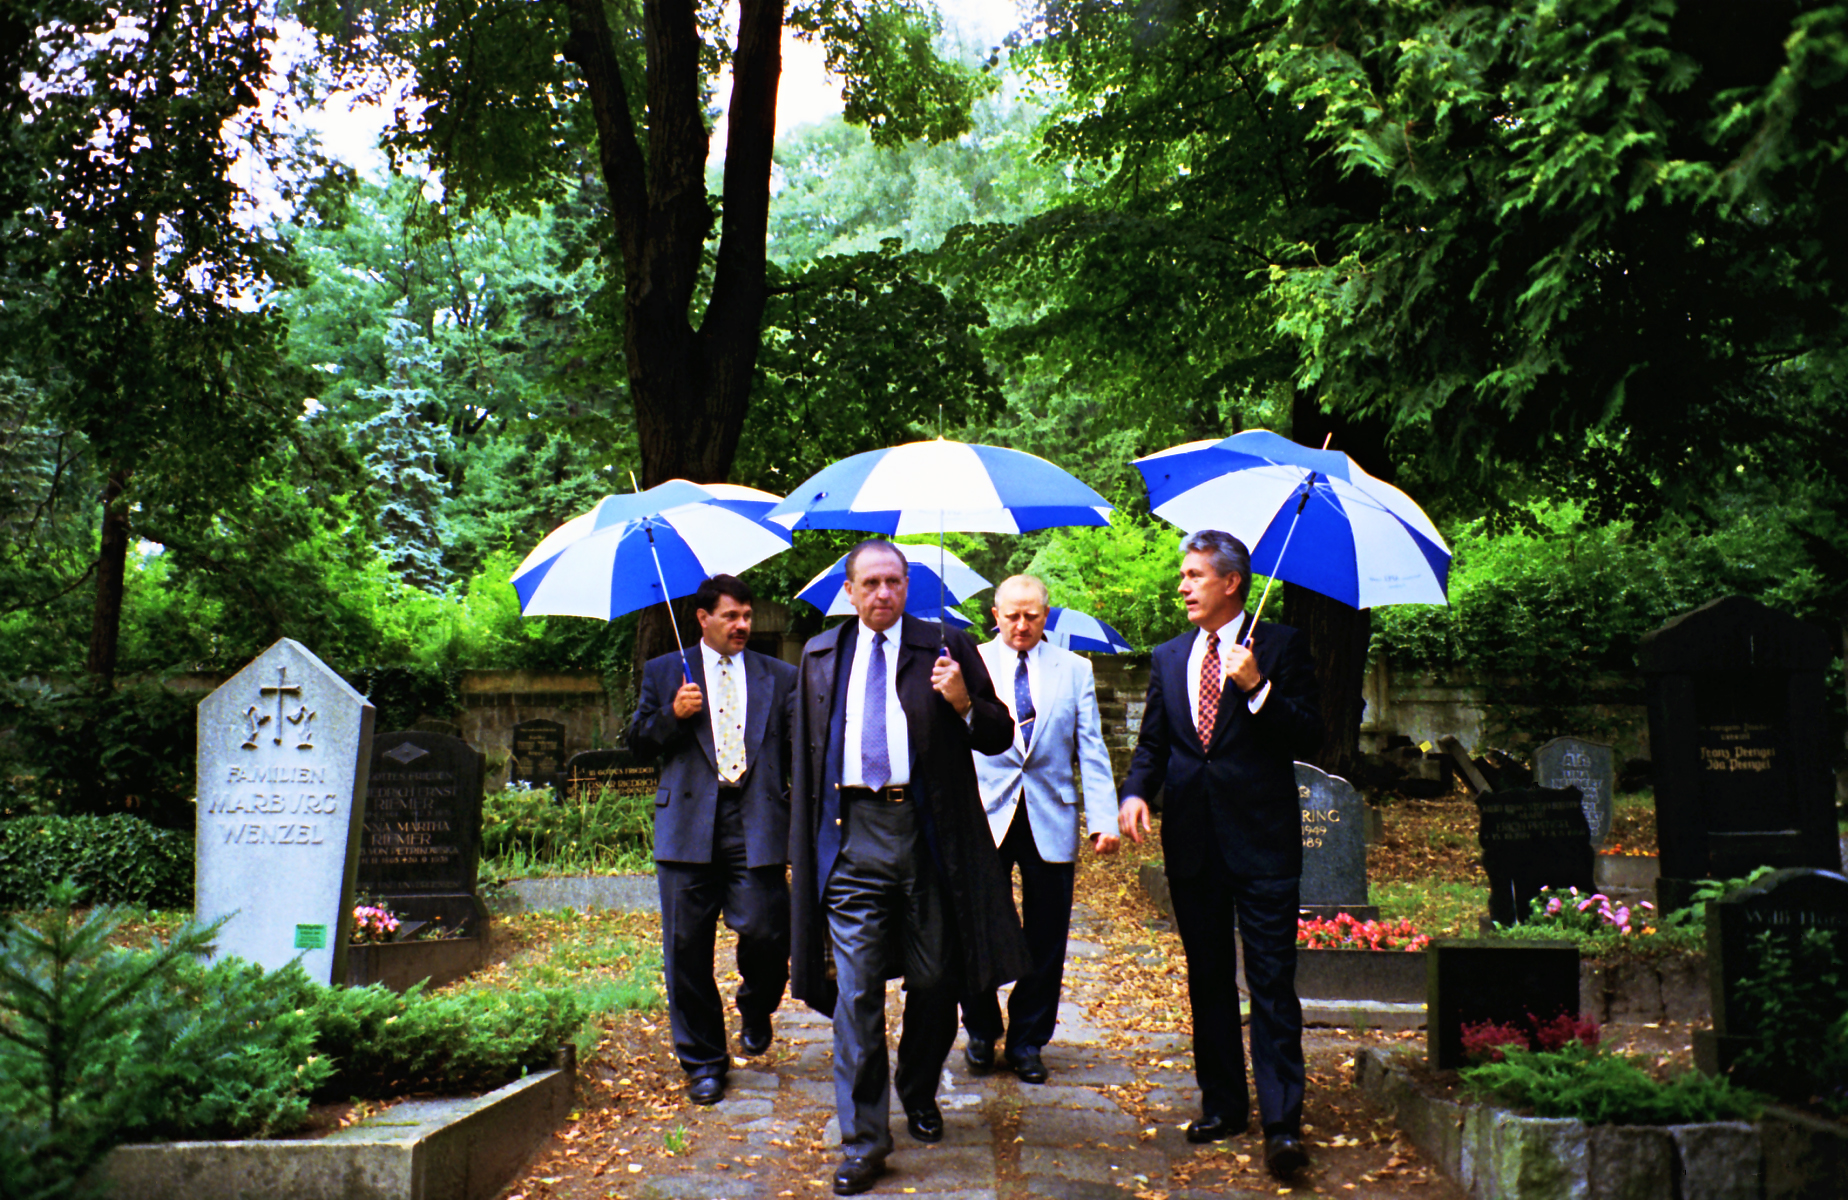 President Thomas S. Monson, front left, and Elder Dieter F. Uchtforf, at right, Siegfried Sacher and Frank Apel walk toward the grave of Elder Joseph A. Ott in Dresden, Germany, Aug. 26, 1995.